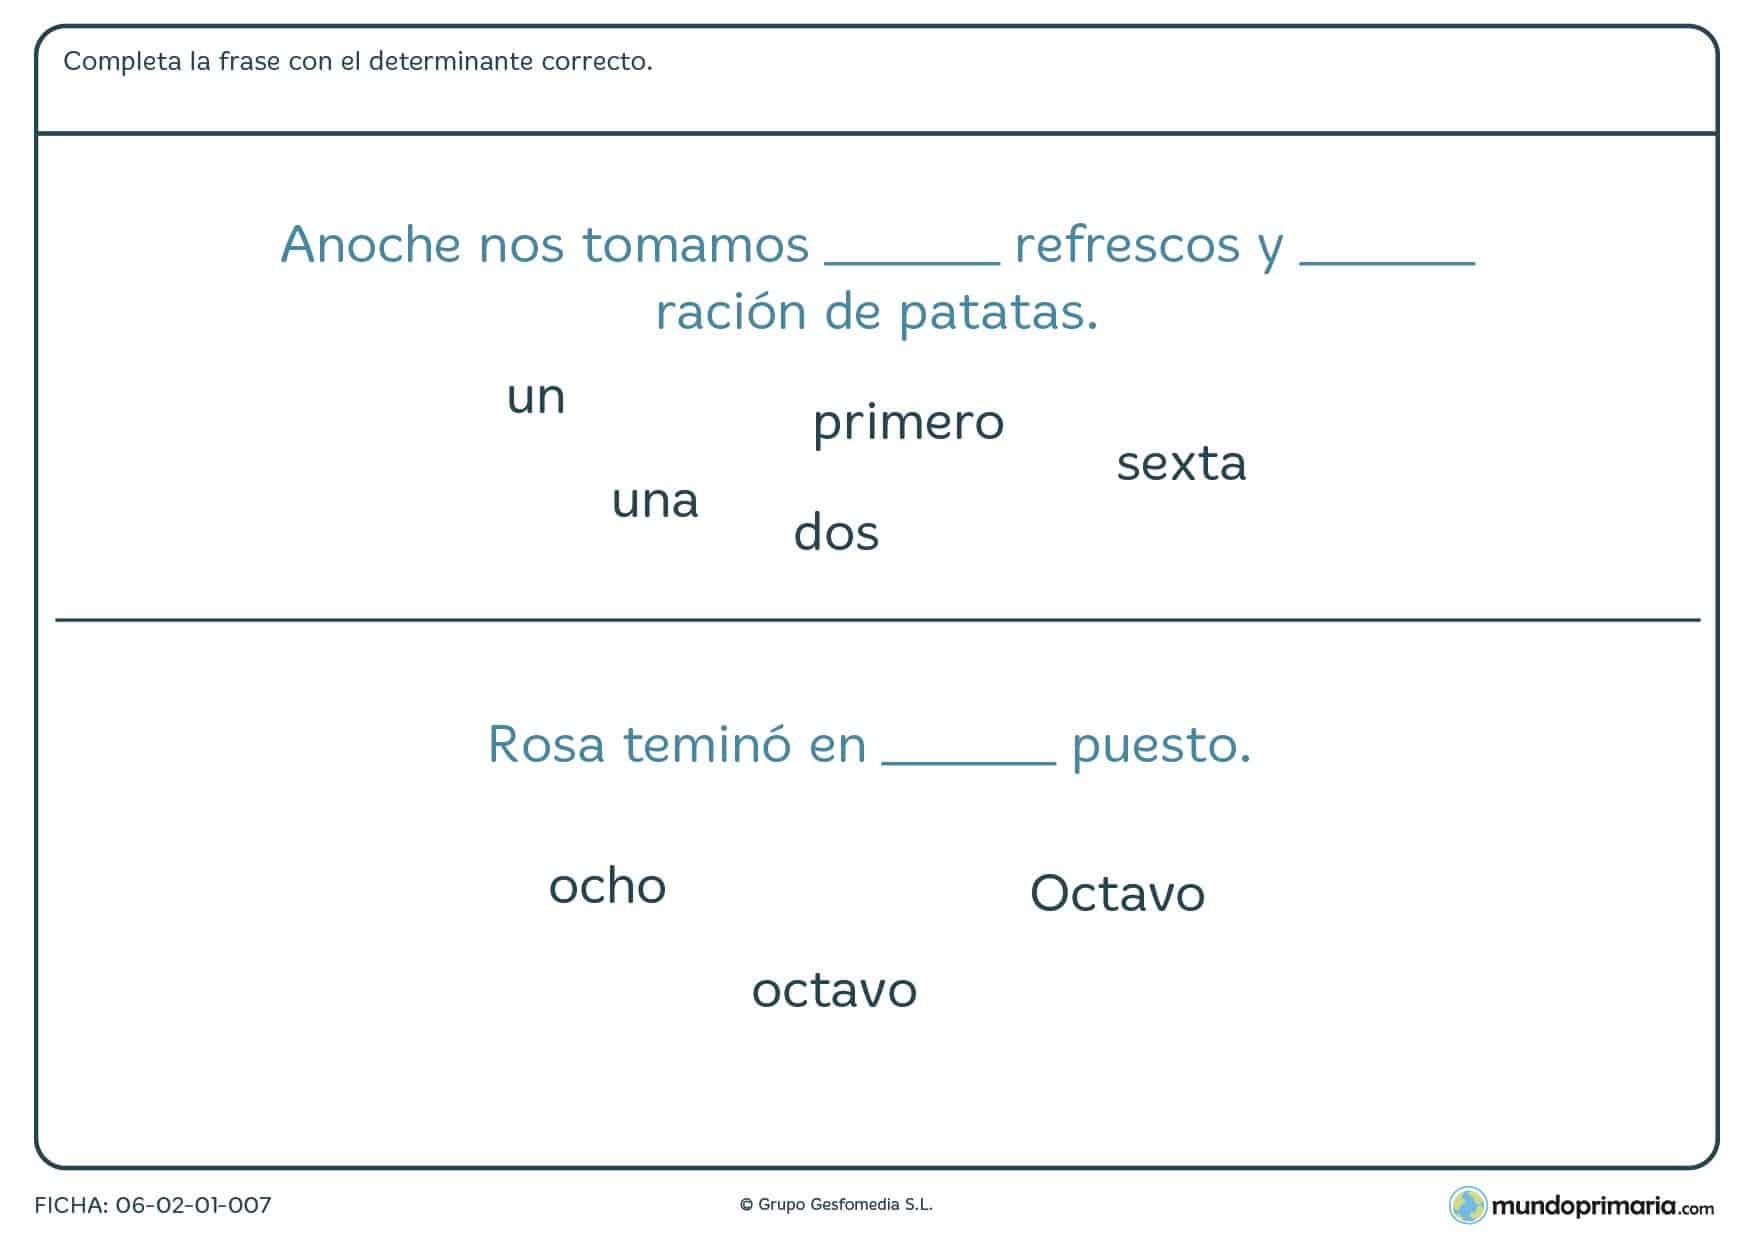 Ficha de lenguaje de numerales ordinales y cardinales para Primaria